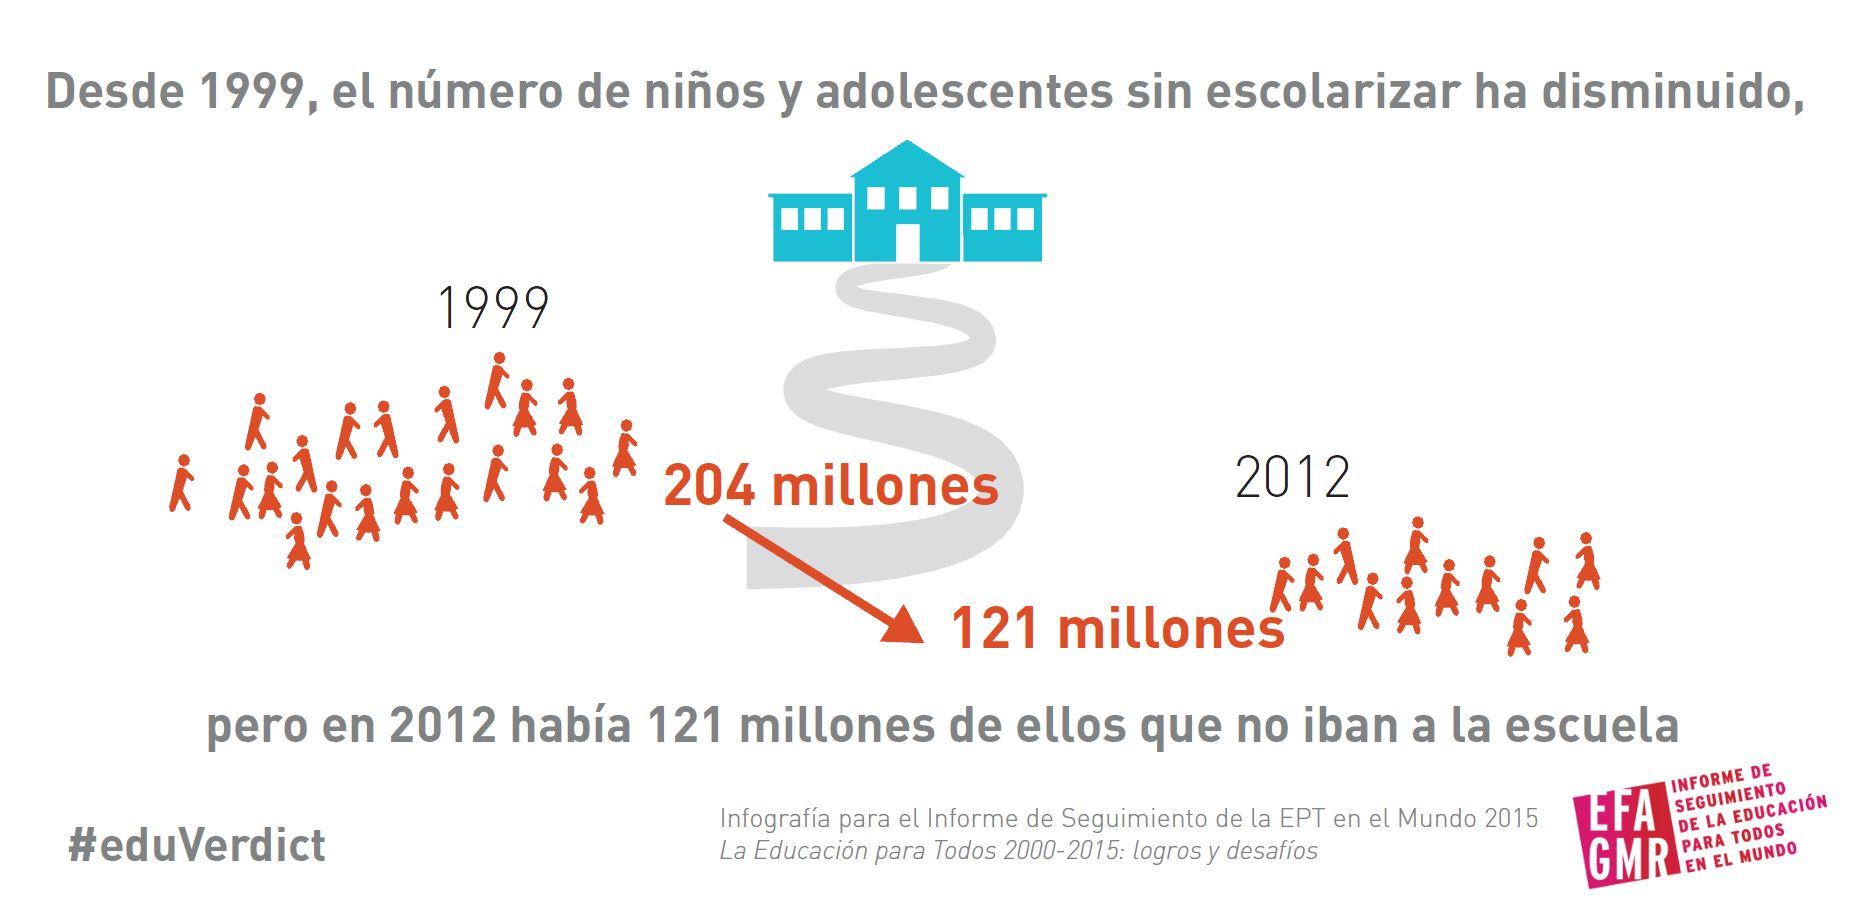 El número de niños y adolescentes sin escolarizar ha disminuido